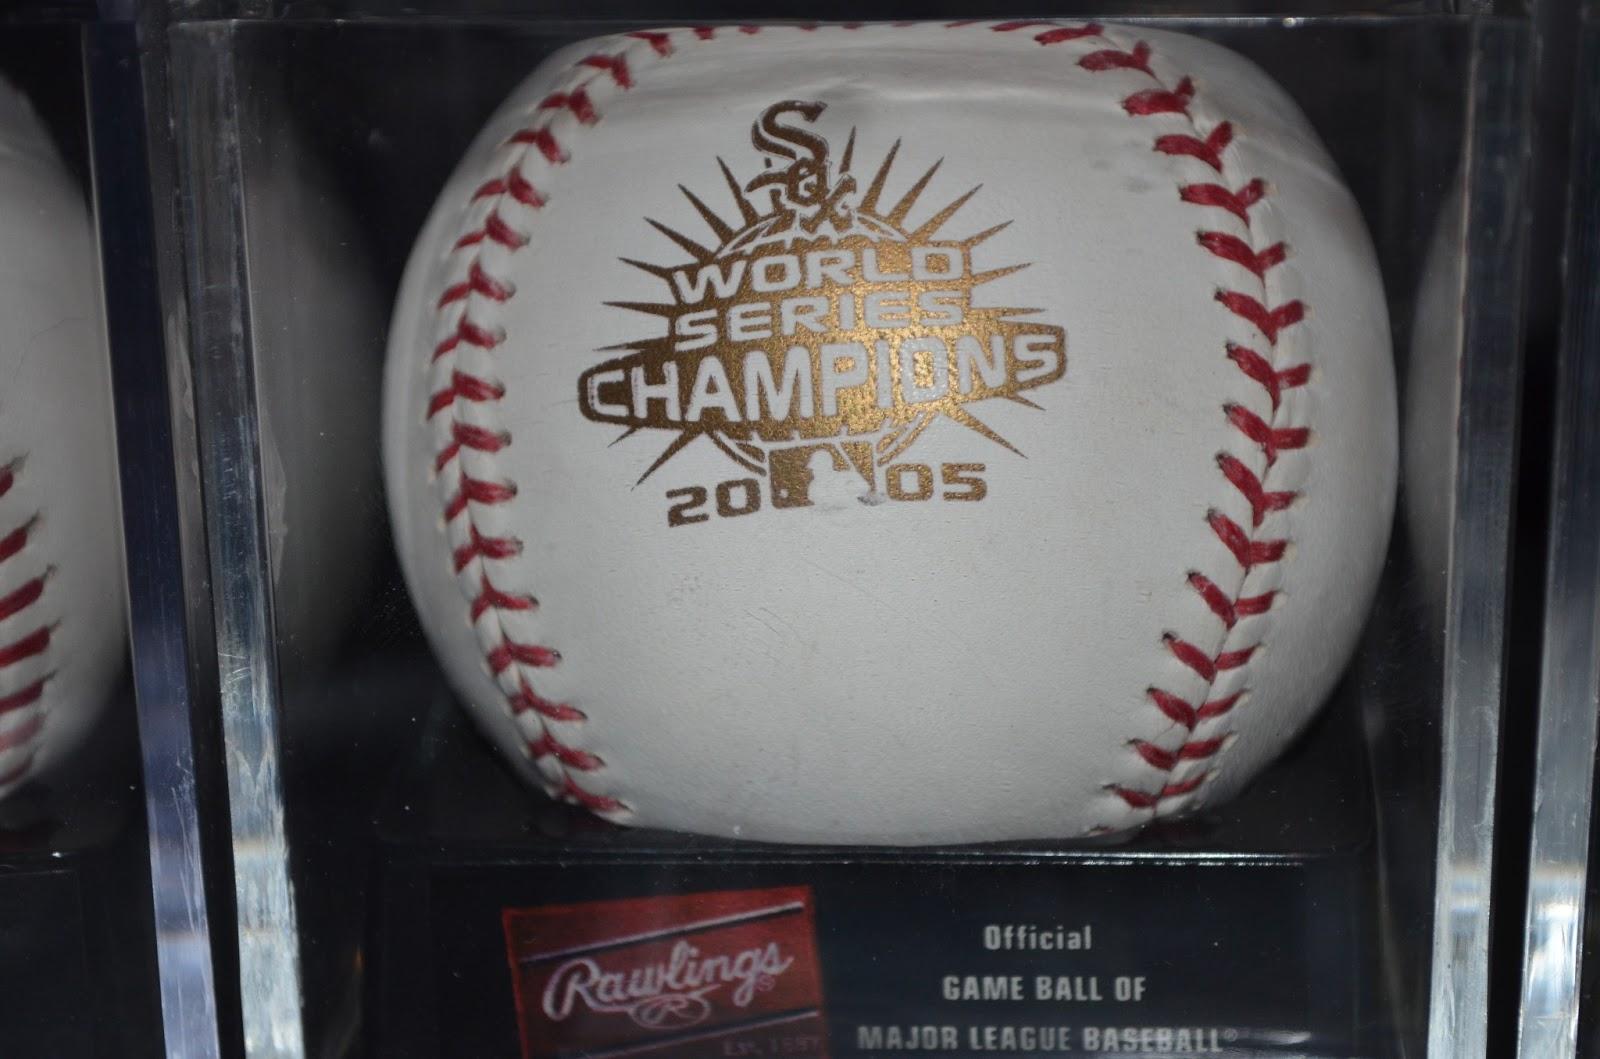 Chi Sox Dugout: Rawlings Baseballs - White Sox Versions